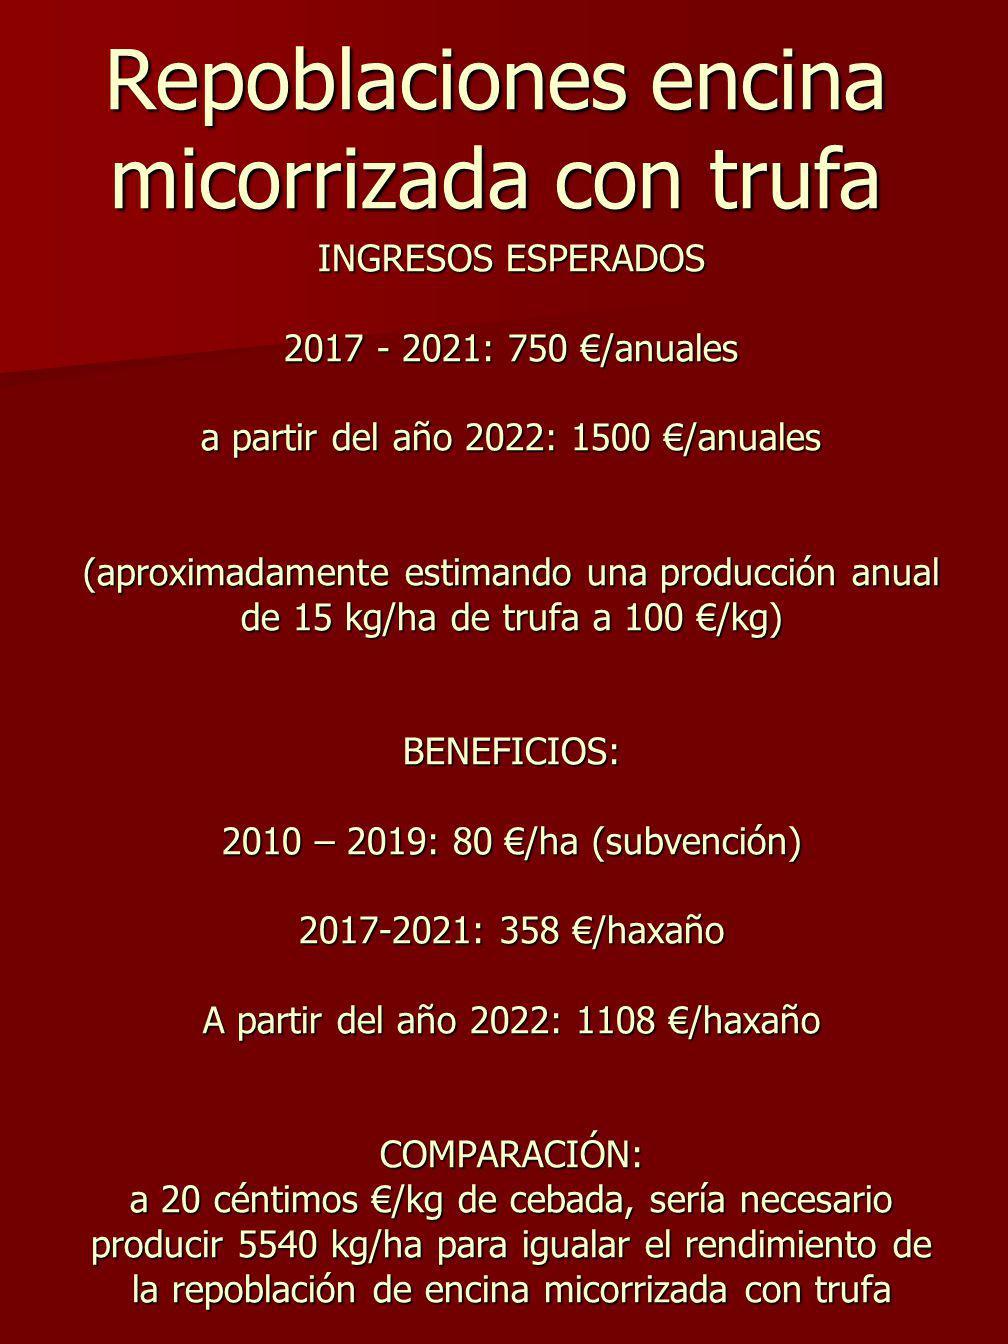 INGRESOS ESPERADOS 2017 - 2021: 750 /anuales a partir del año 2022: 1500 /anuales (aproximadamente estimando una producción anual de 15 kg/ha de trufa a 100 /kg) BENEFICIOS: 2010 – 2019: 80 /ha (subvención) 2017-2021: 358 /haxaño A partir del año 2022: 1108 /haxaño COMPARACIÓN: a 20 céntimos /kg de cebada, sería necesario producir 5540 kg/ha para igualar el rendimiento de la repoblación de encina micorrizada con trufa Repoblaciones encina micorrizada con trufa